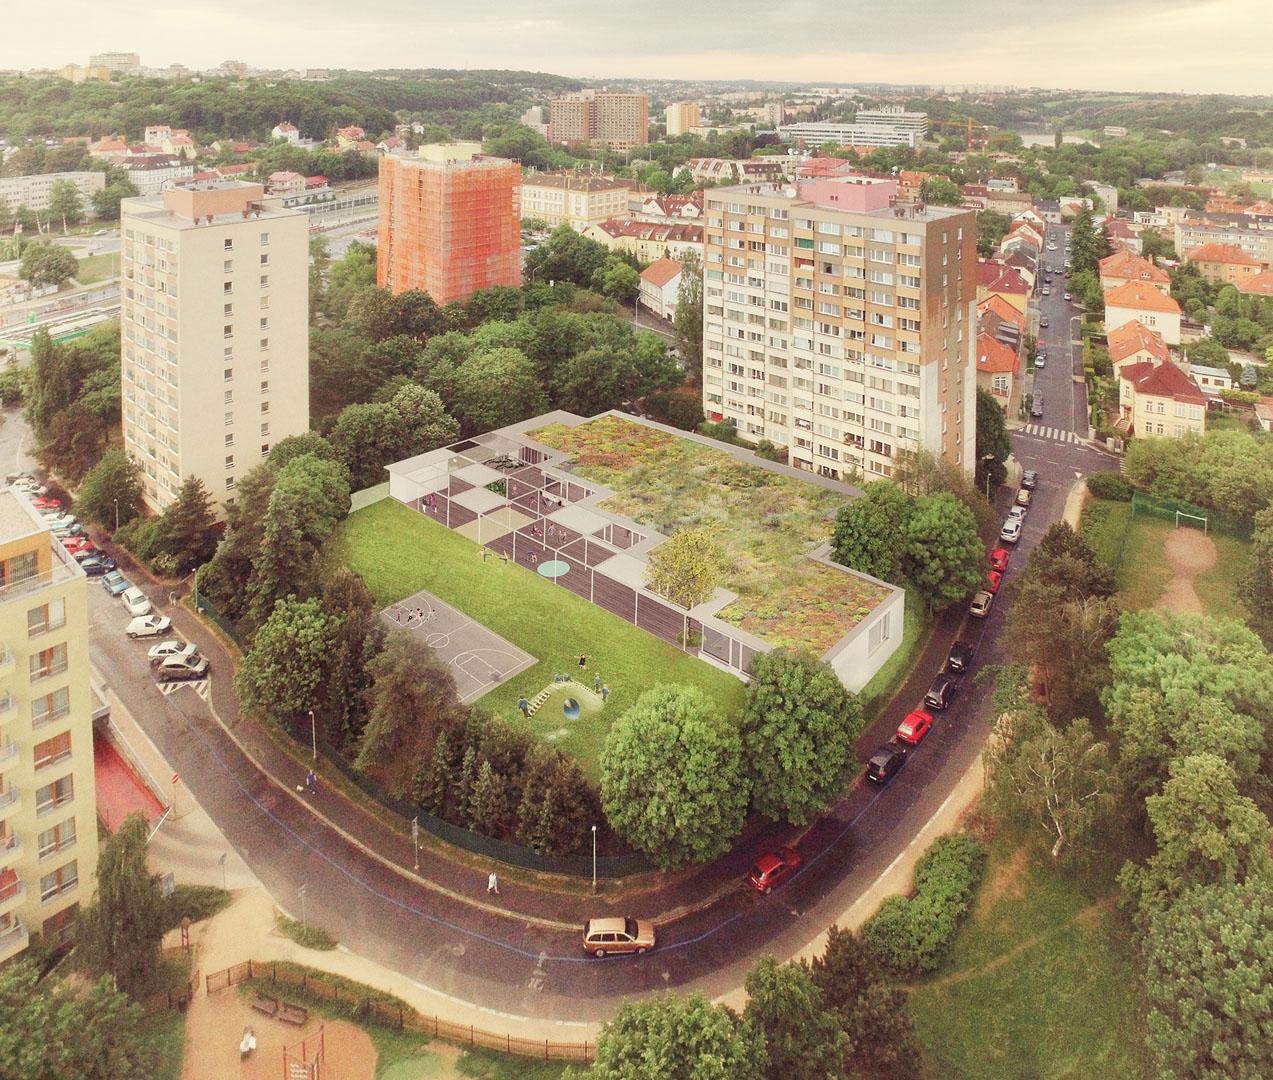 Zákres návrhu školky do nadhledové fotografie Vokovic